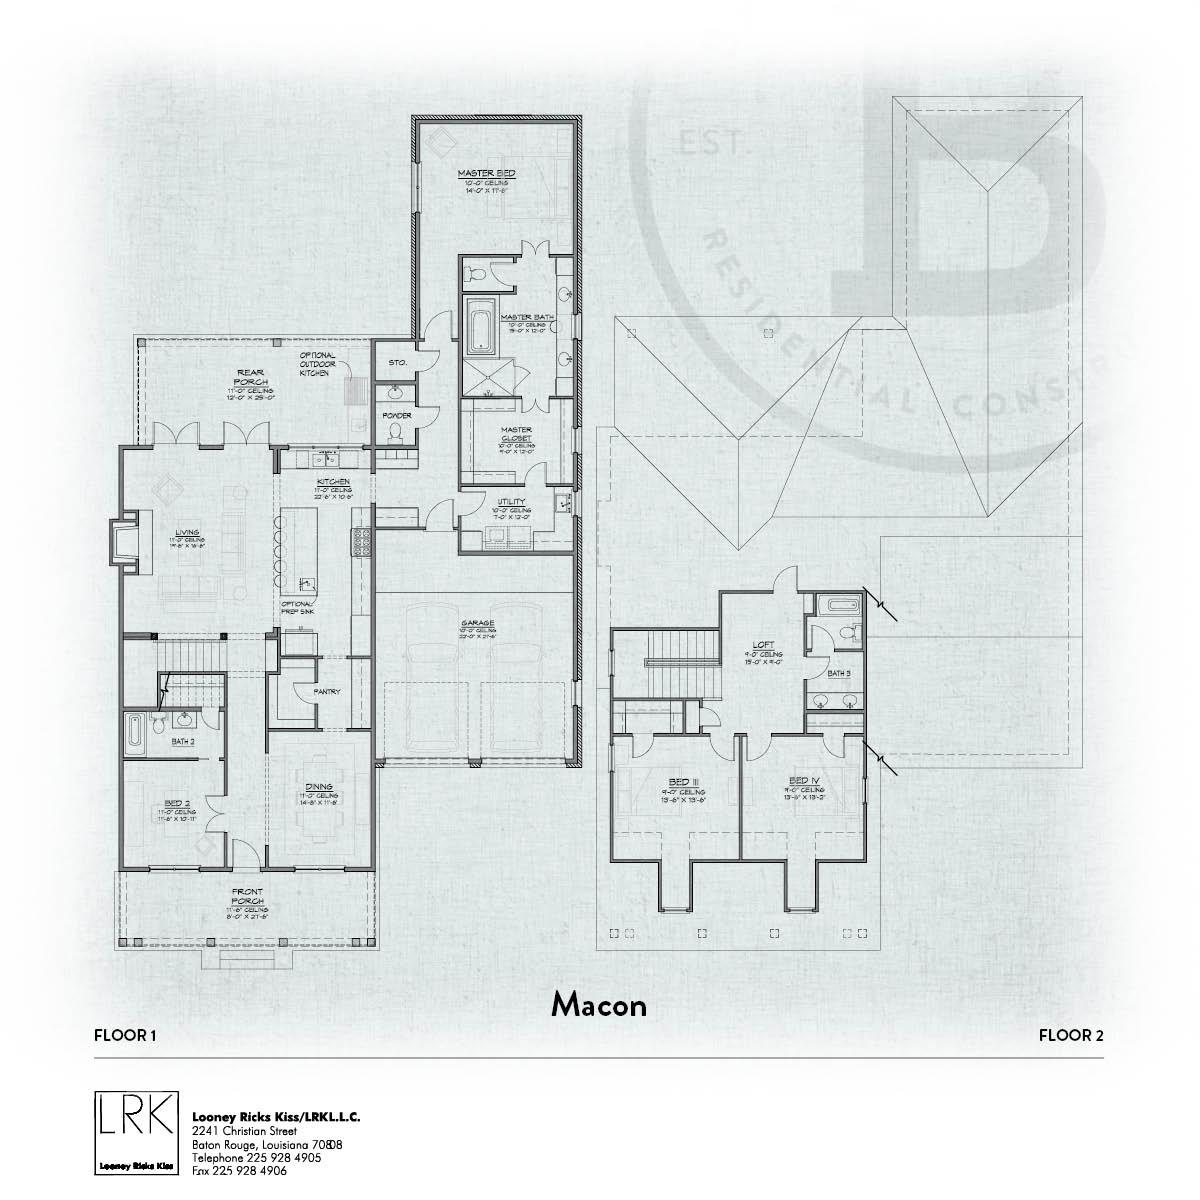 Macon 2 Floorplan